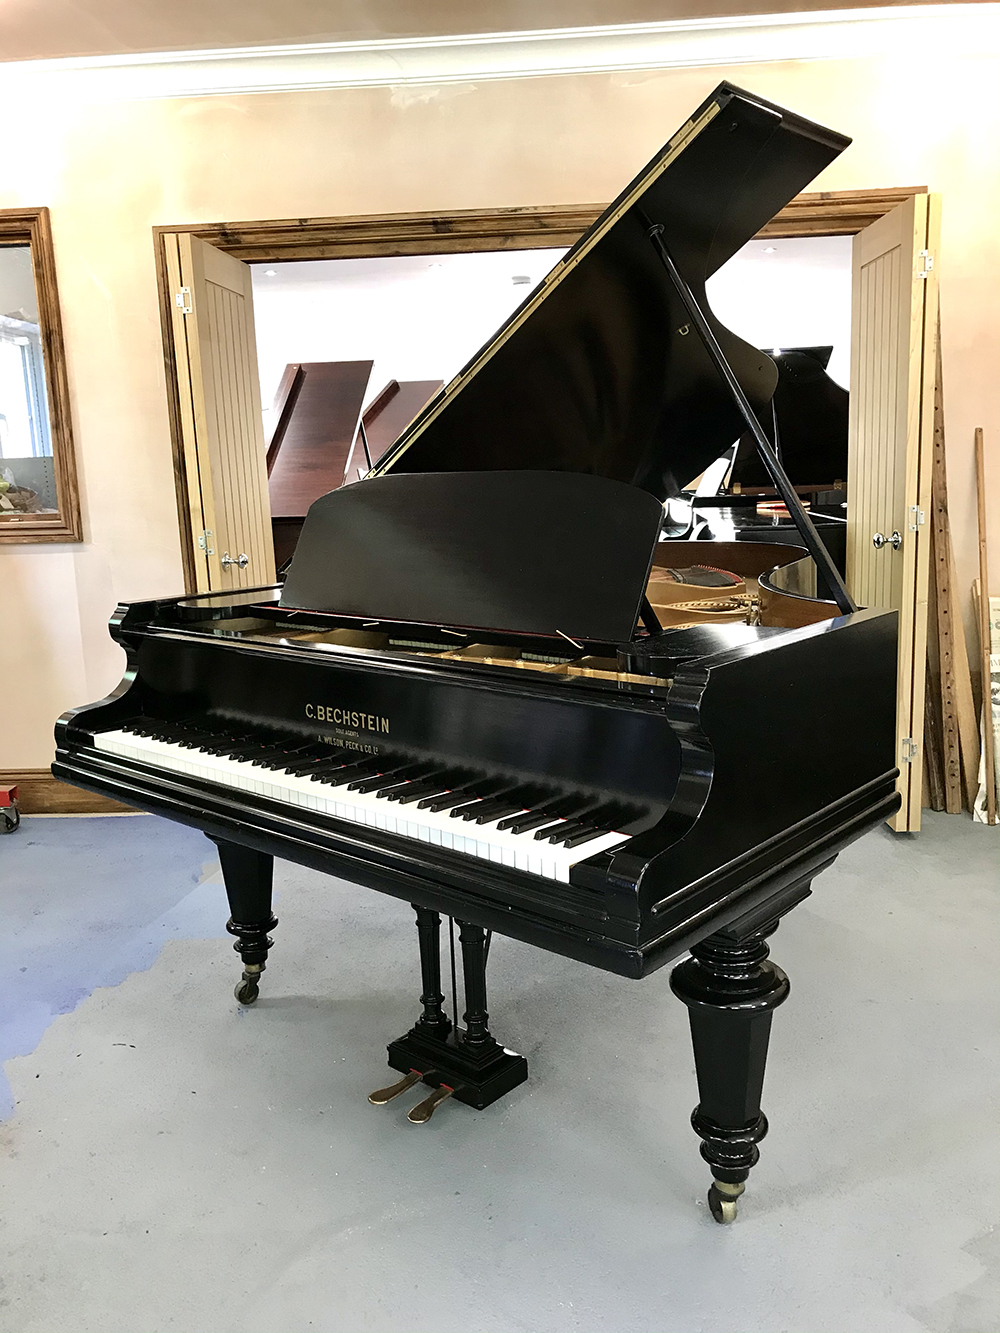 Bechstein-model-v-grand-Piano-Dorset-for-sale-5.jpg